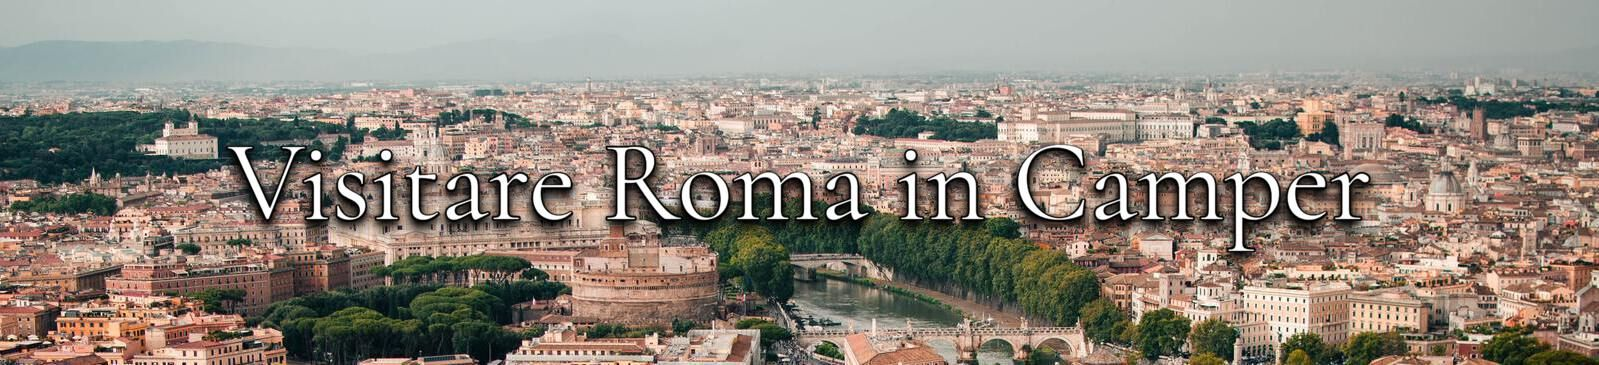 Visitare Roma in Camper